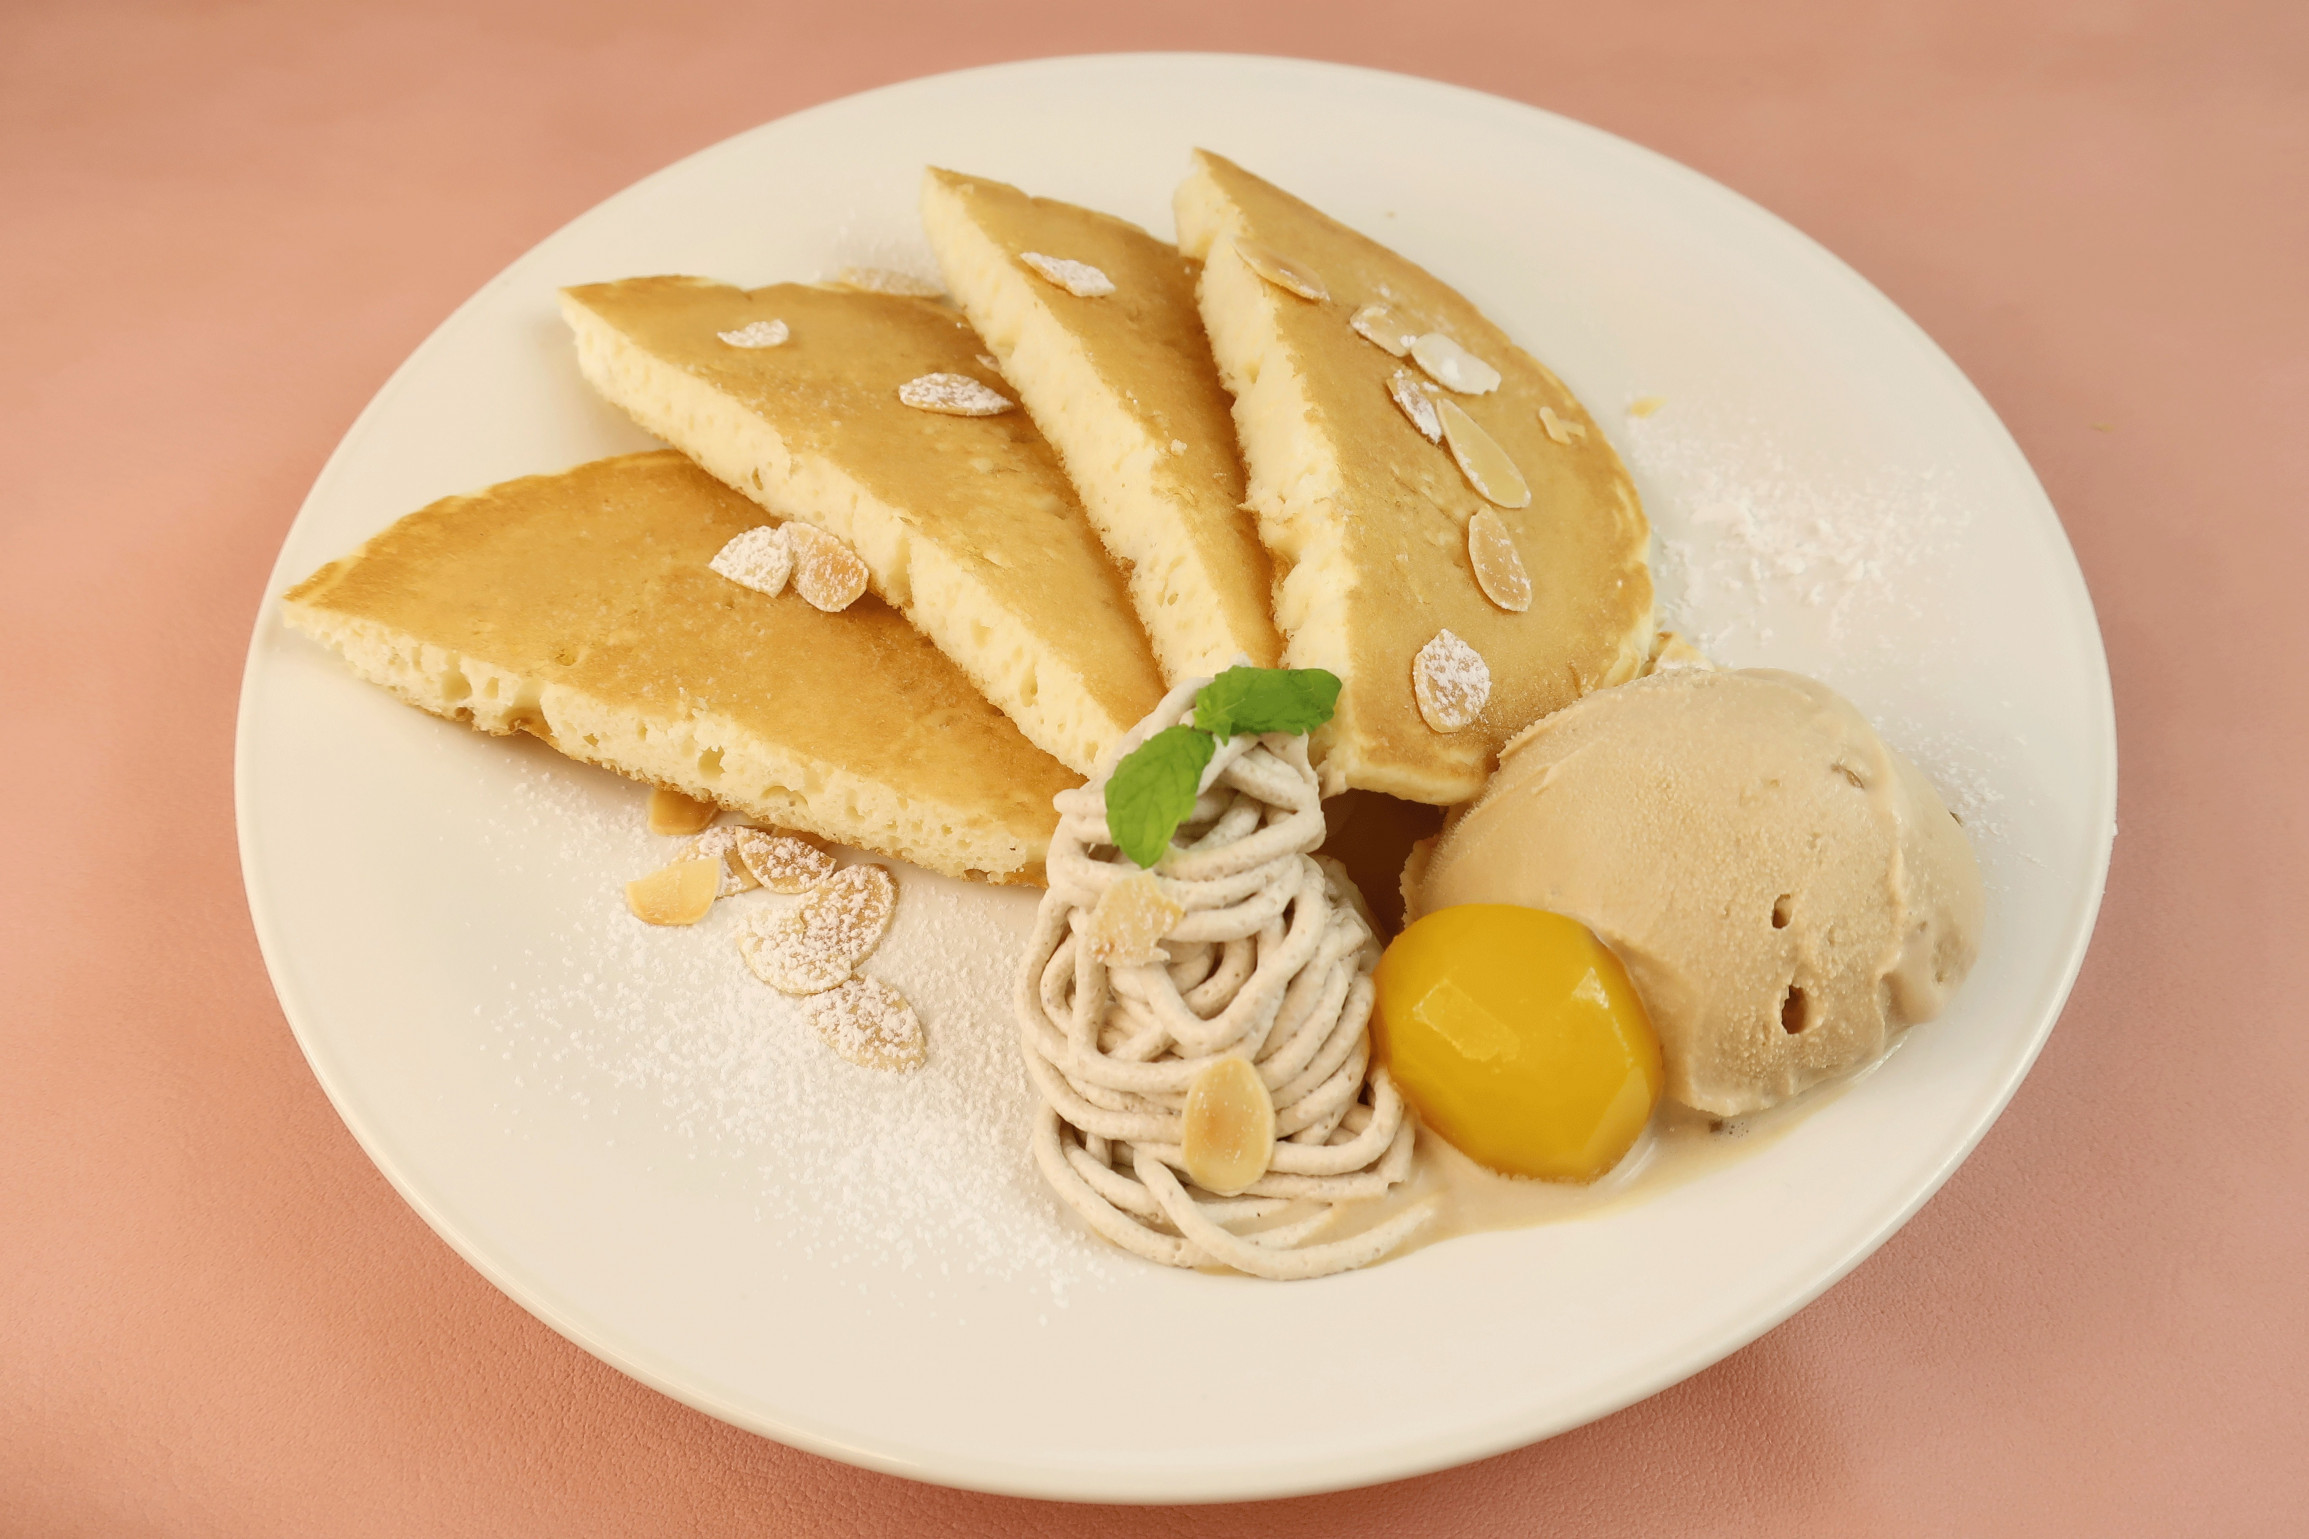 マロンづくしのパンケーキ